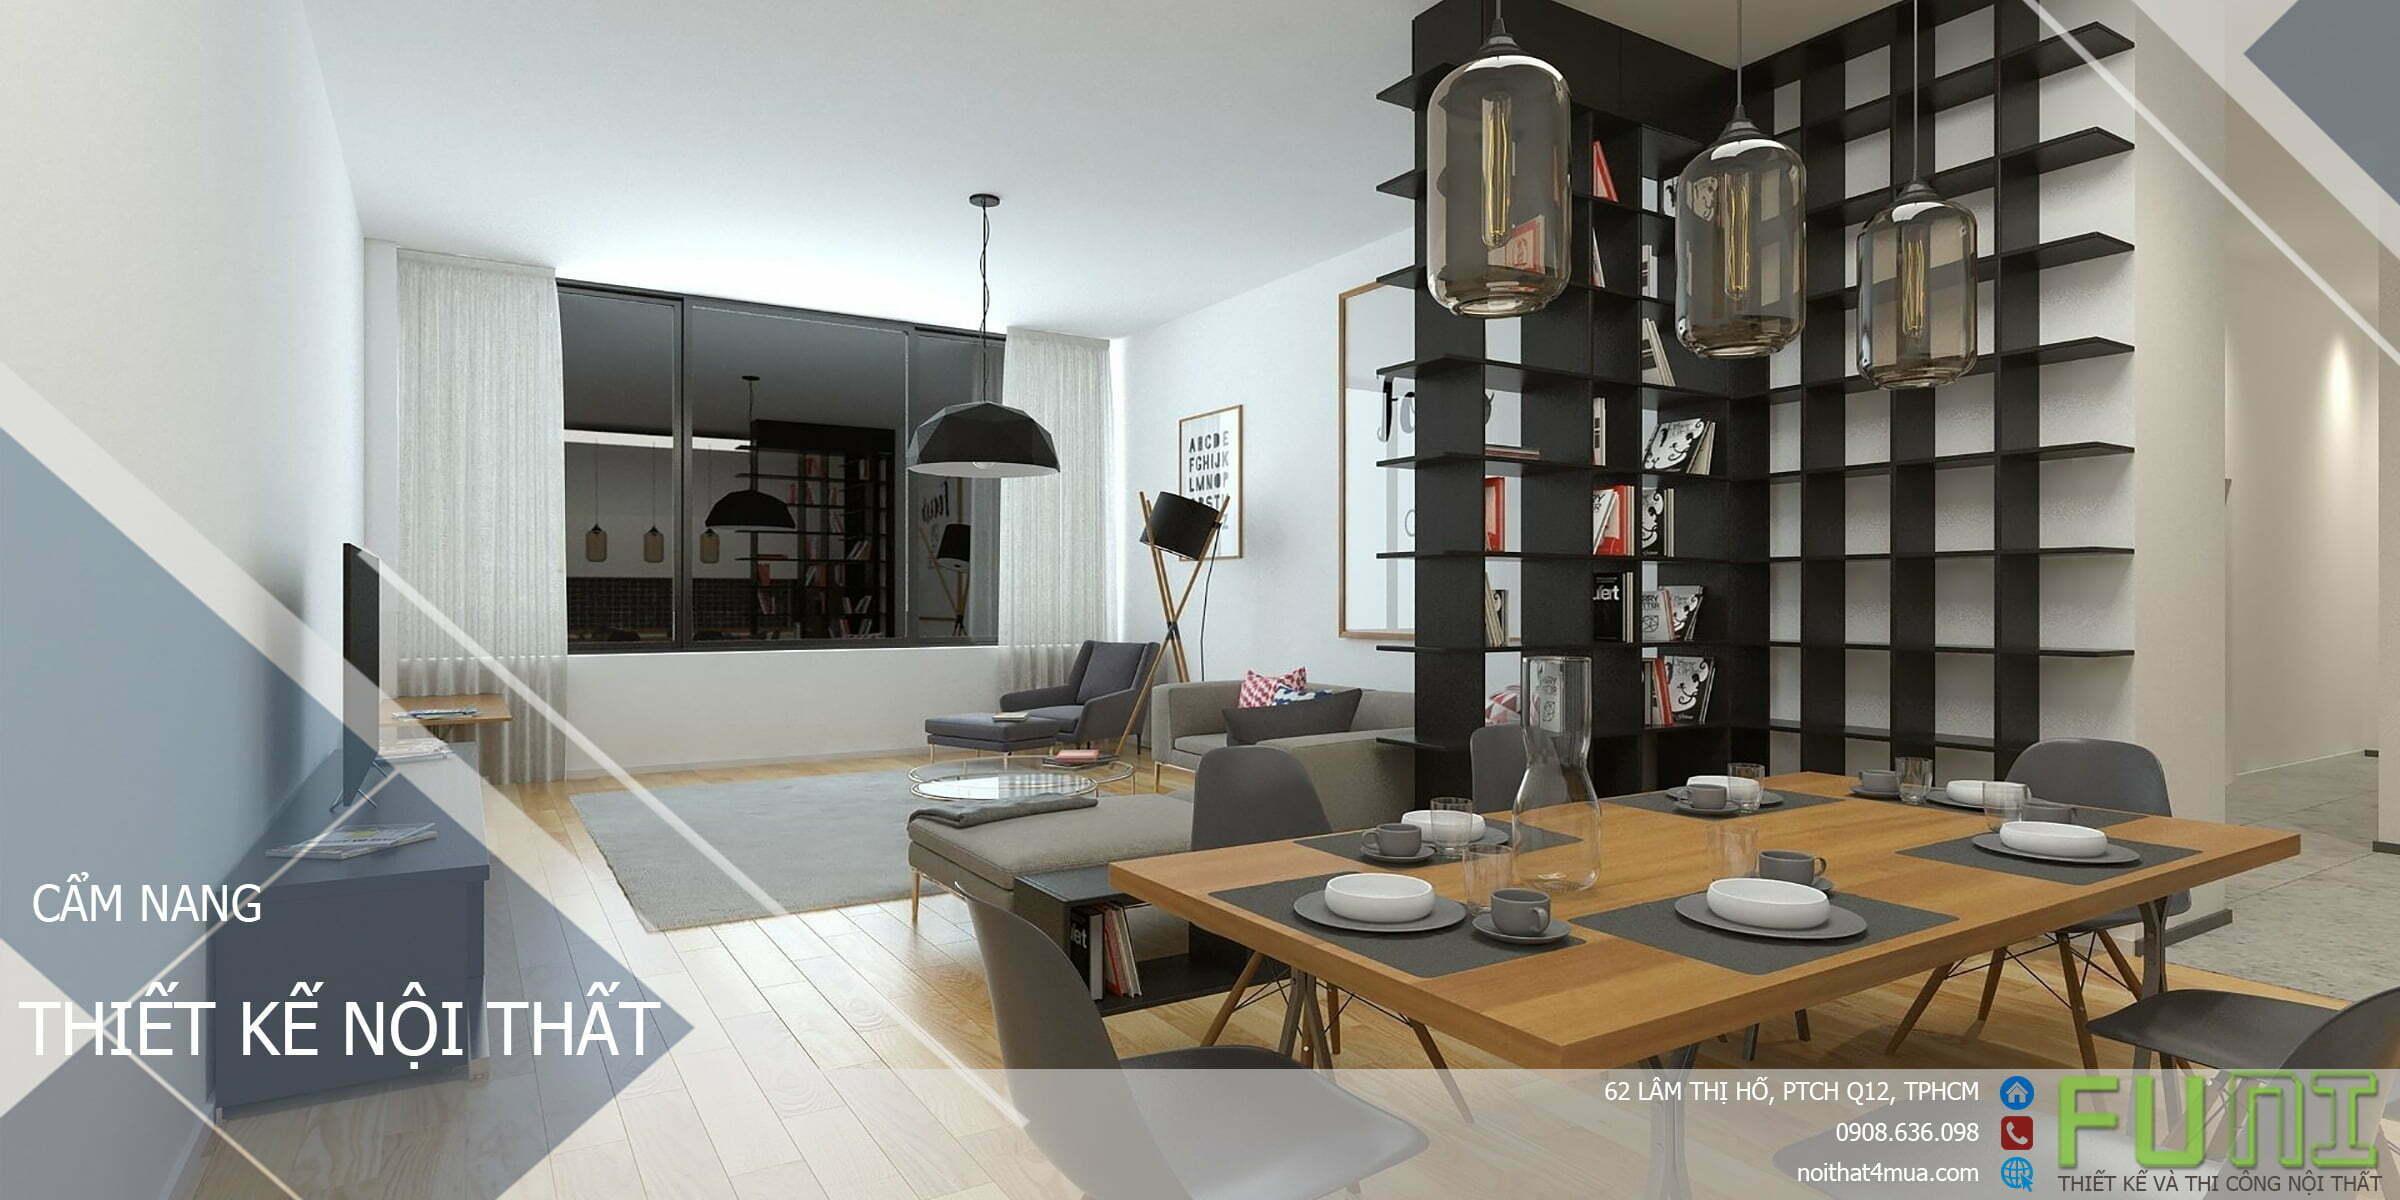 Cẩm nang nội thất tiện ích cho ngôi nhà việt